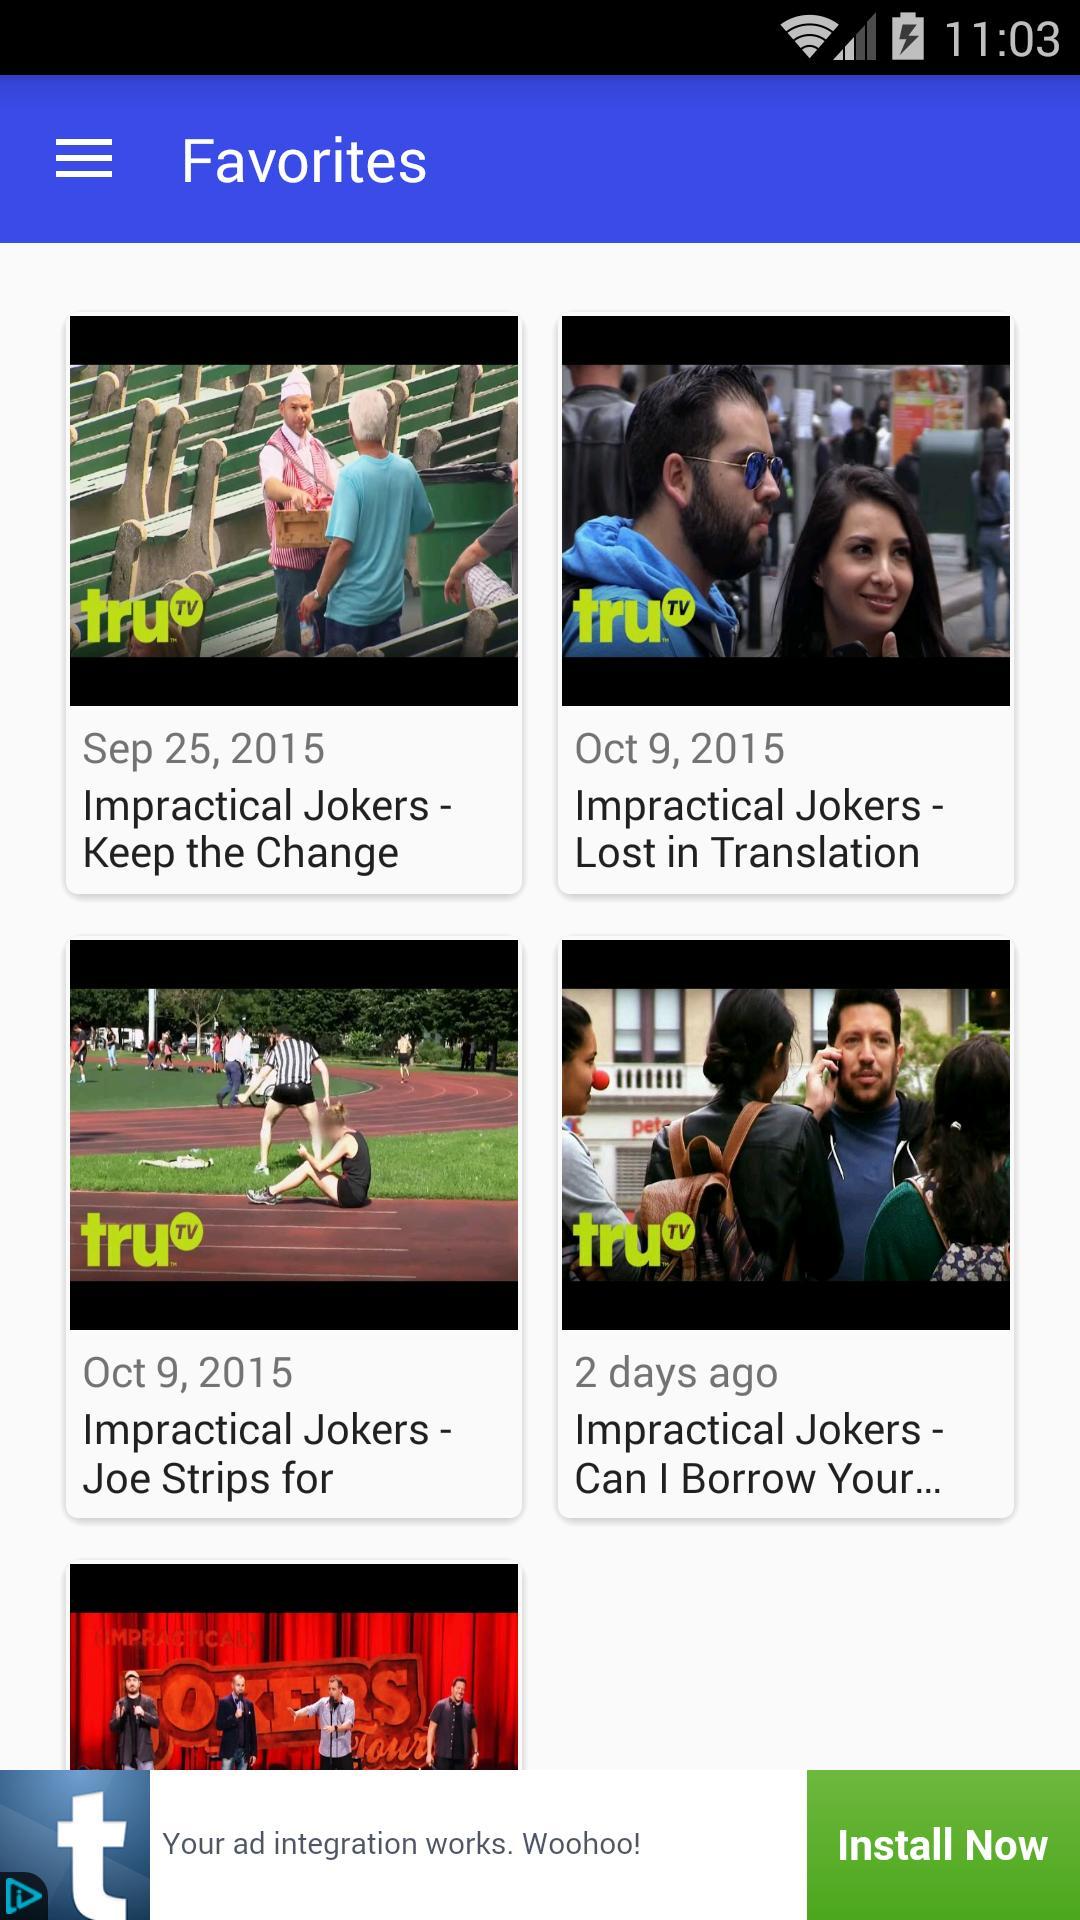 impractical jokers complete season 1 download